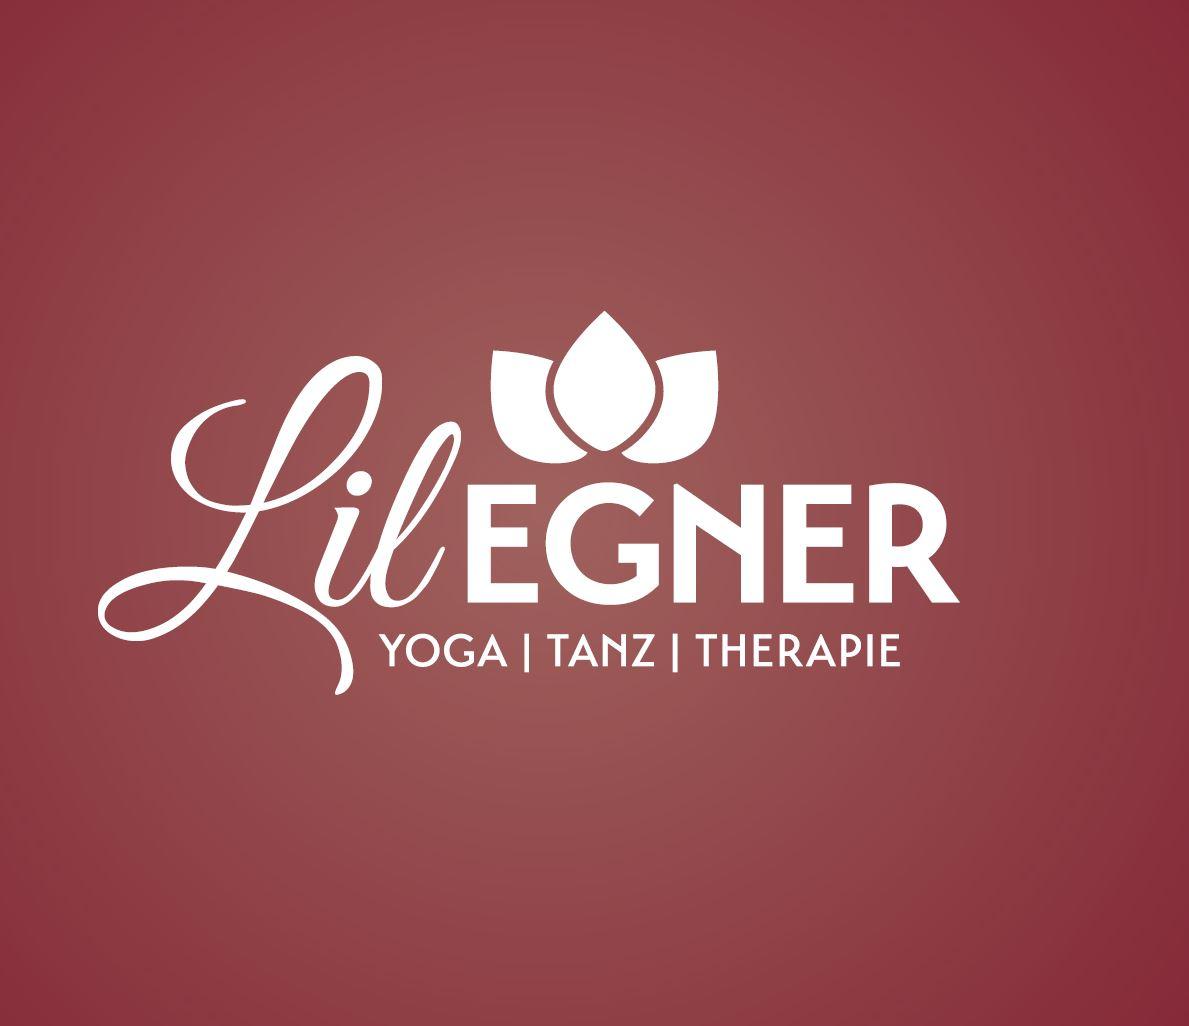 LilEGNER.de